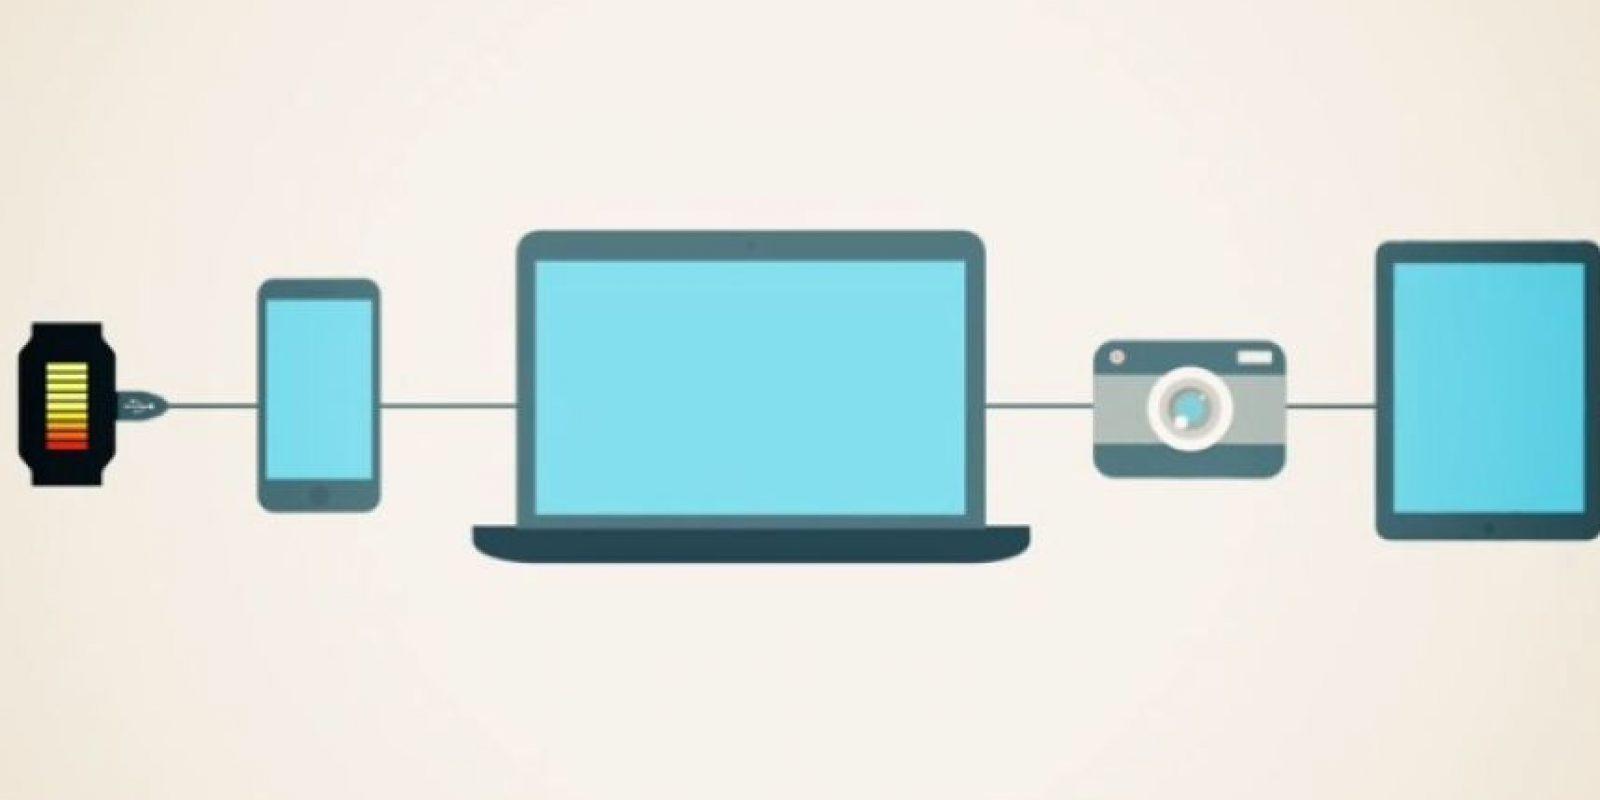 Funciona con smartphones, lap tops, cámaras y tabletas Foto:YouTube/wankband